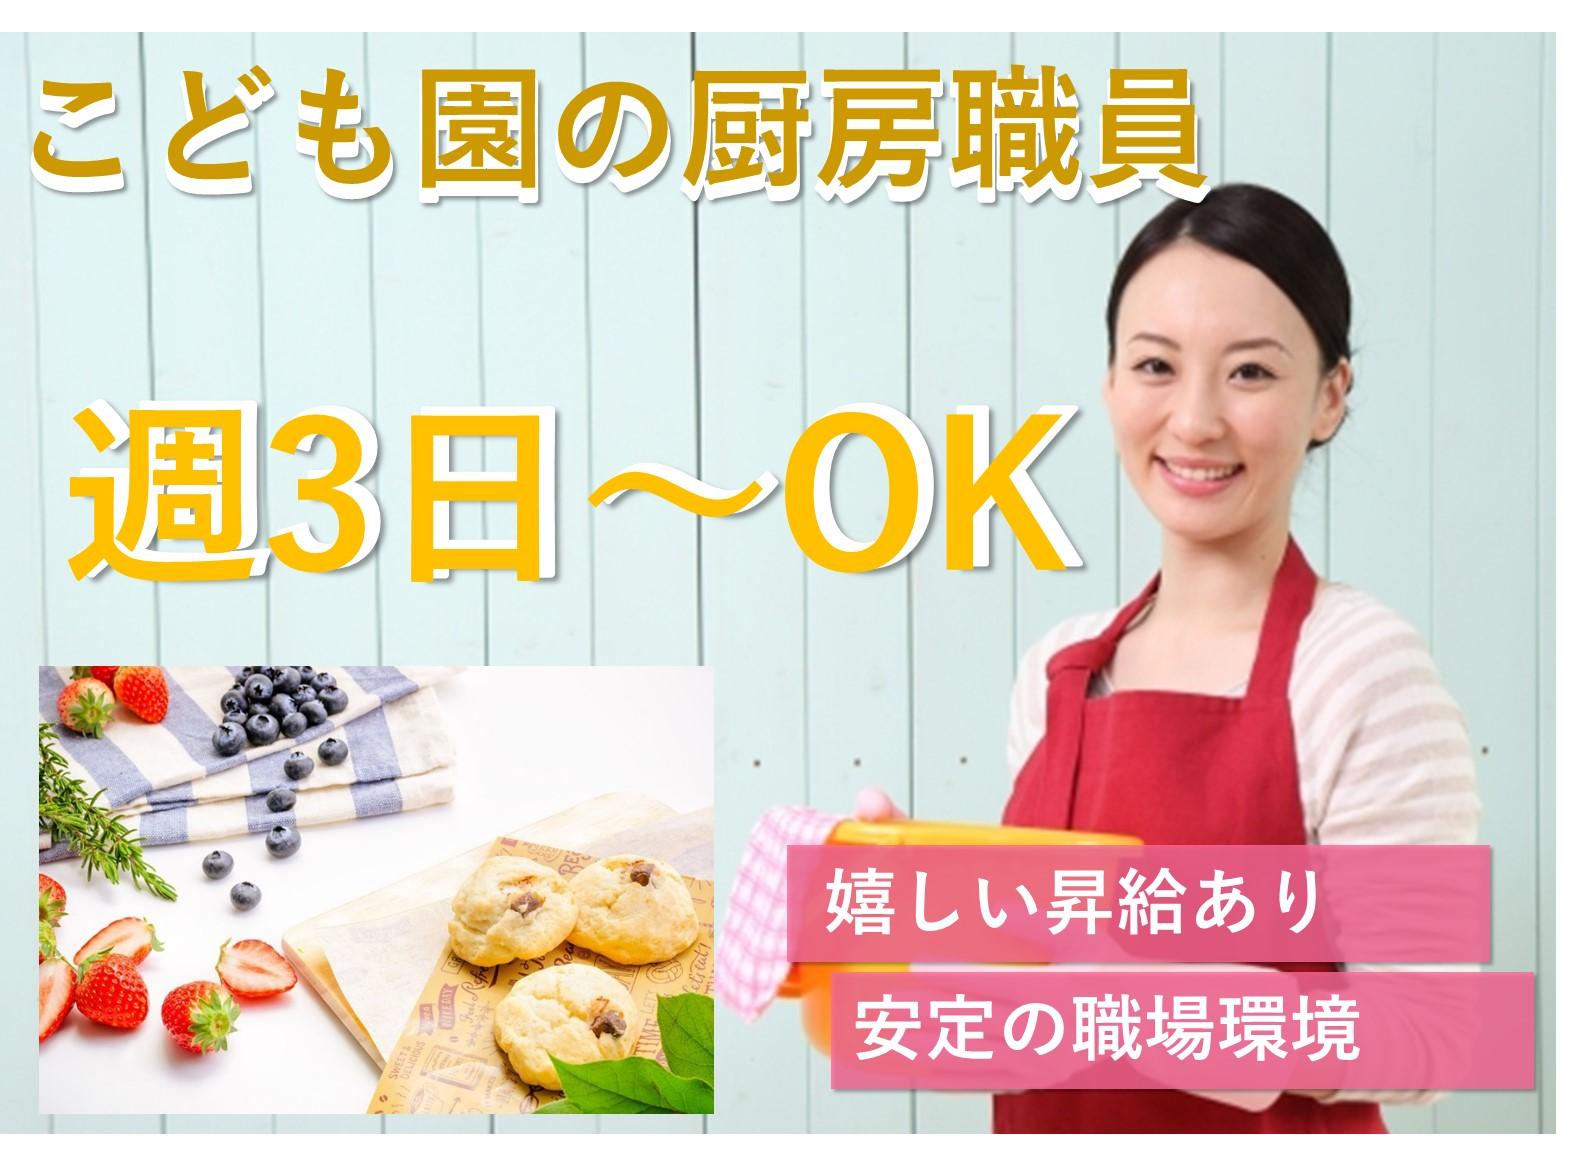 急募【パート】週3日~勤務OK★昇給あり◎認定こども園の厨房職員 イメージ